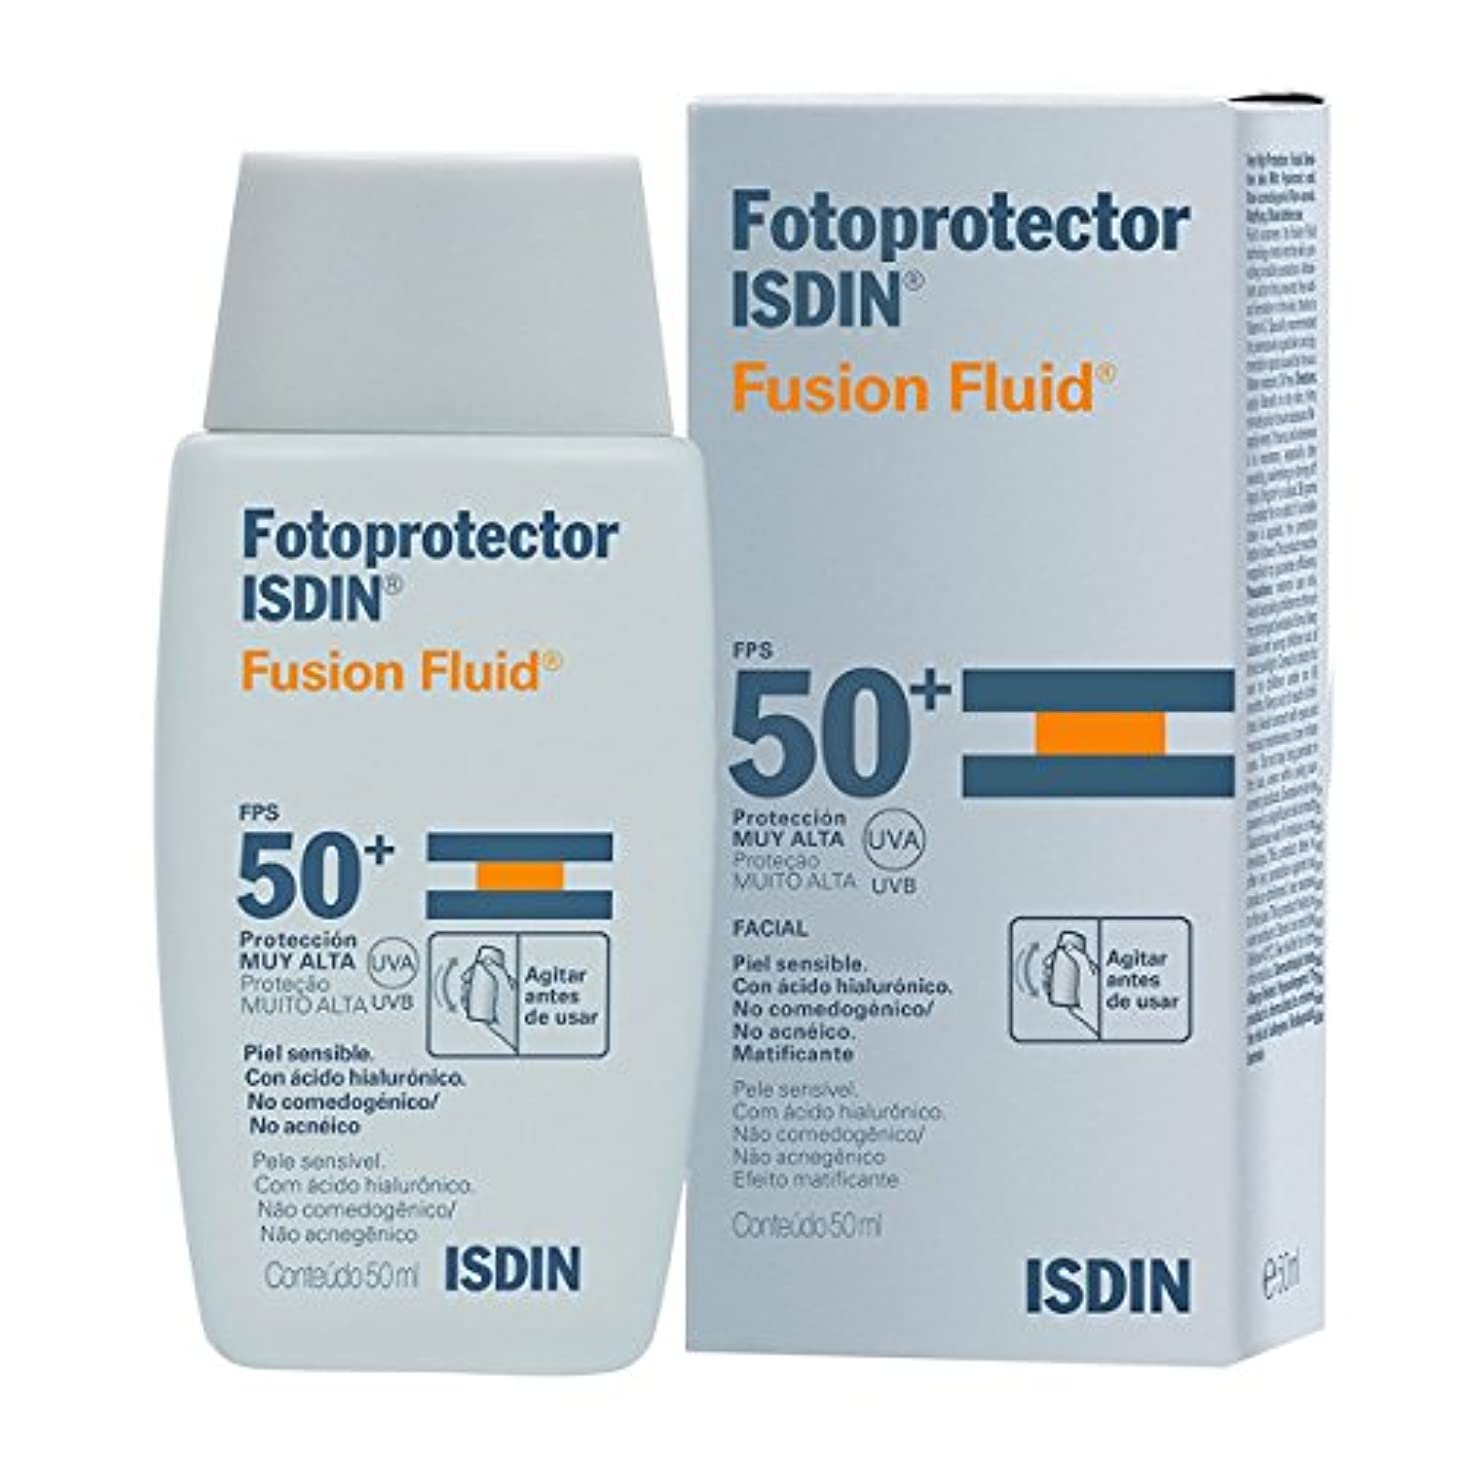 緩やかな建てる有効化Isdin Fotoprotector Fusion Fluid Spf50+ 50ml [並行輸入品]